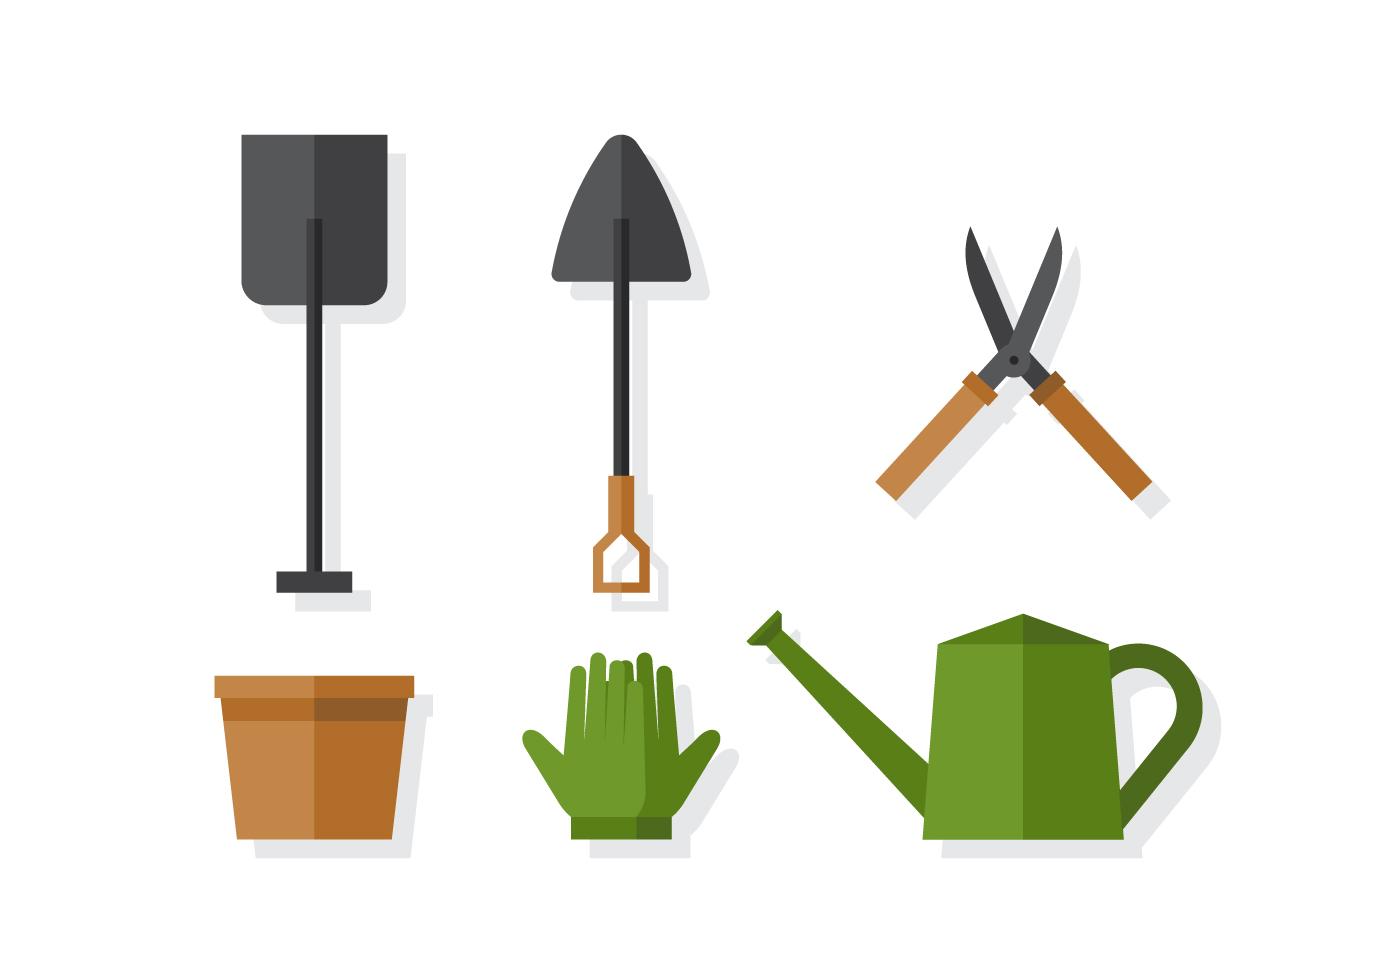 Vector gardening elements download free vector art for Gardening tools vector